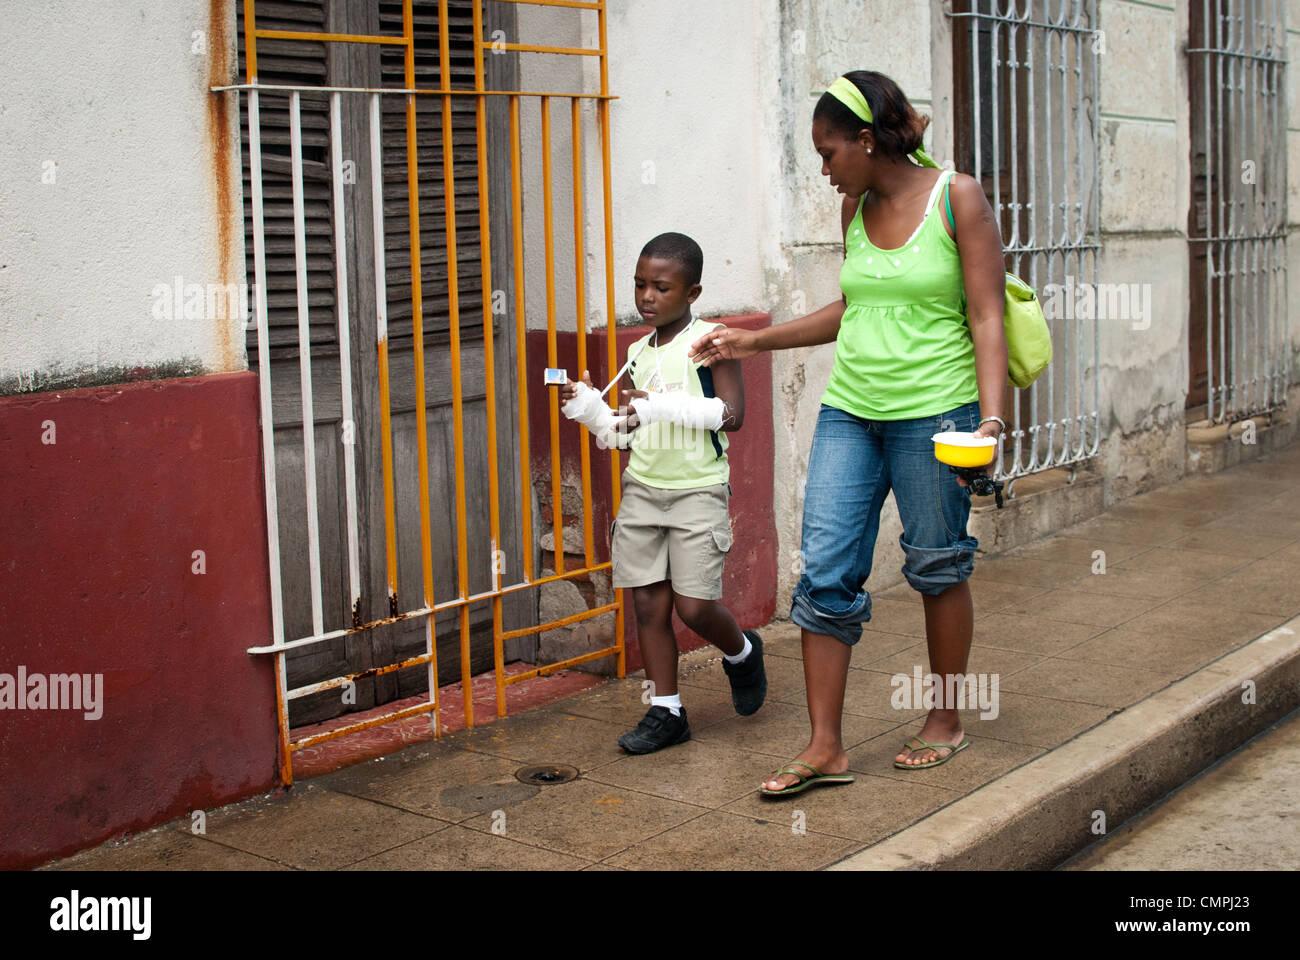 Mutter und San auf der Straße laufen, junge hat beide Arme